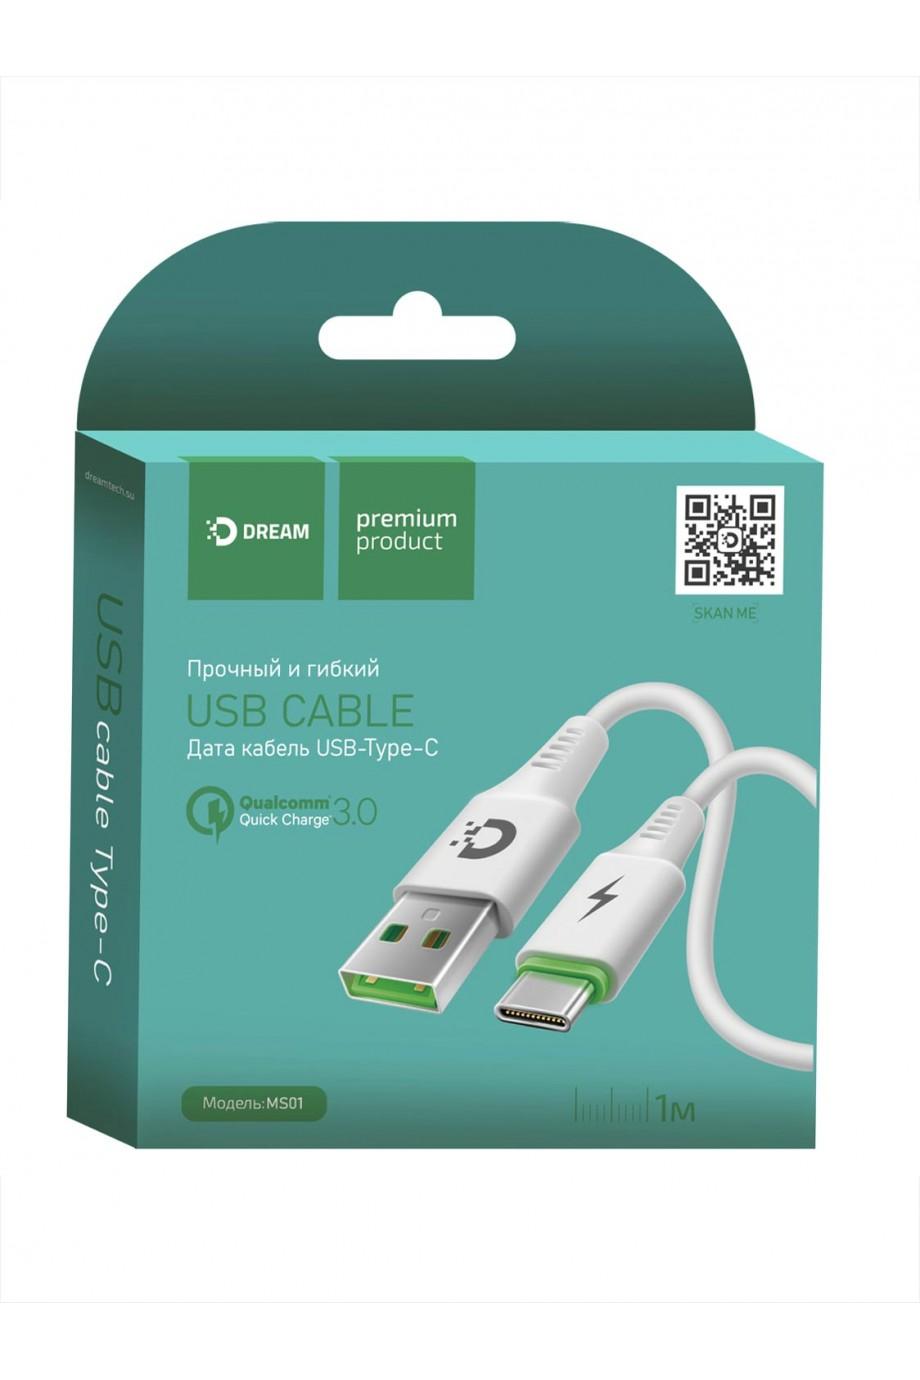 Кабель Dream MS03 USB – Type-C, быстрая зарядка, белый, 1 м